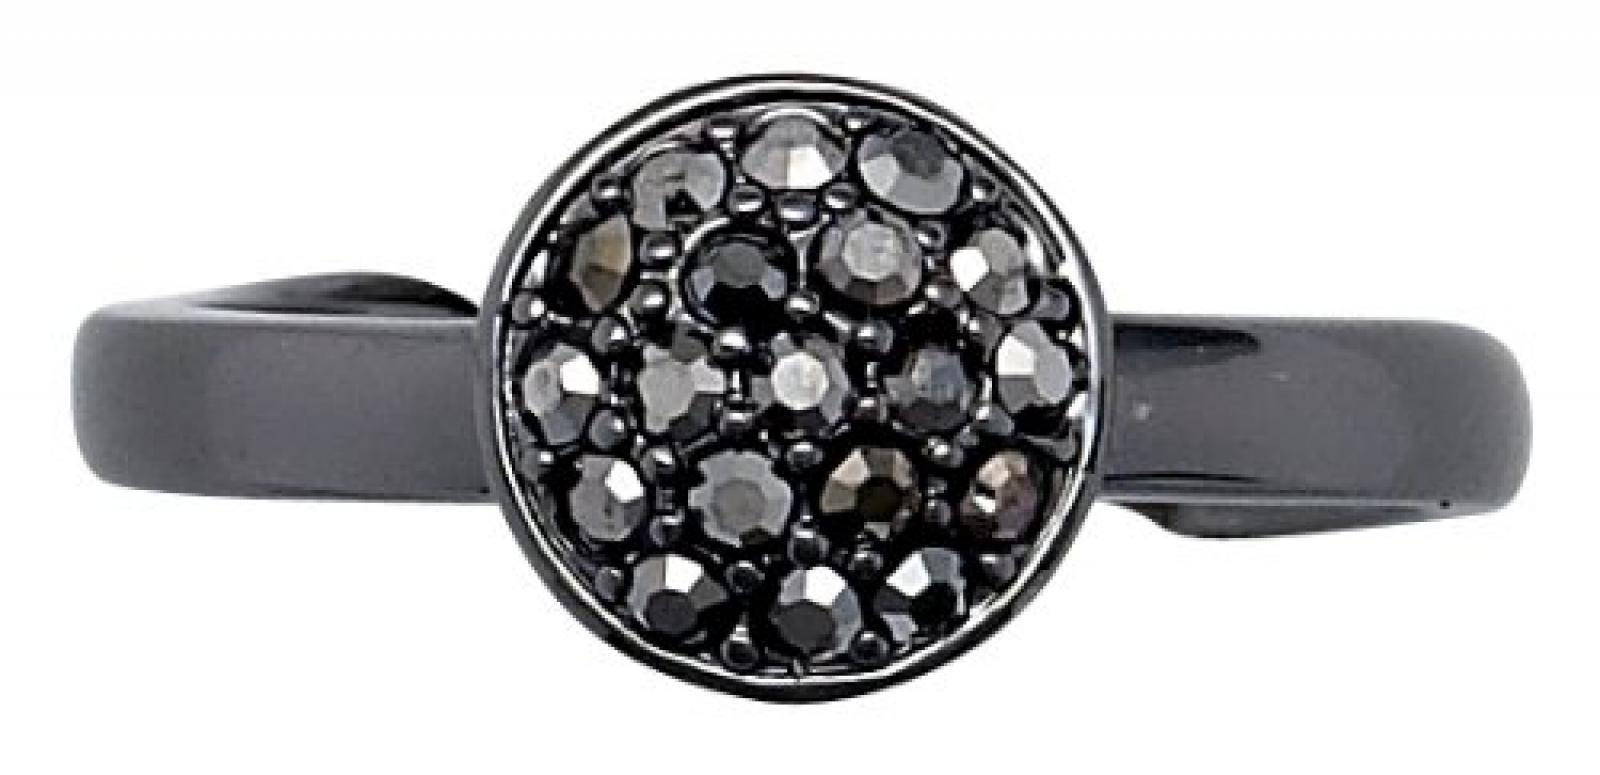 Pilgrim Jewelry Damen-Ring aus der Serie Classic hematite beschichtet grau 0.9 cm verstellbar Gr. 51-59 601313004